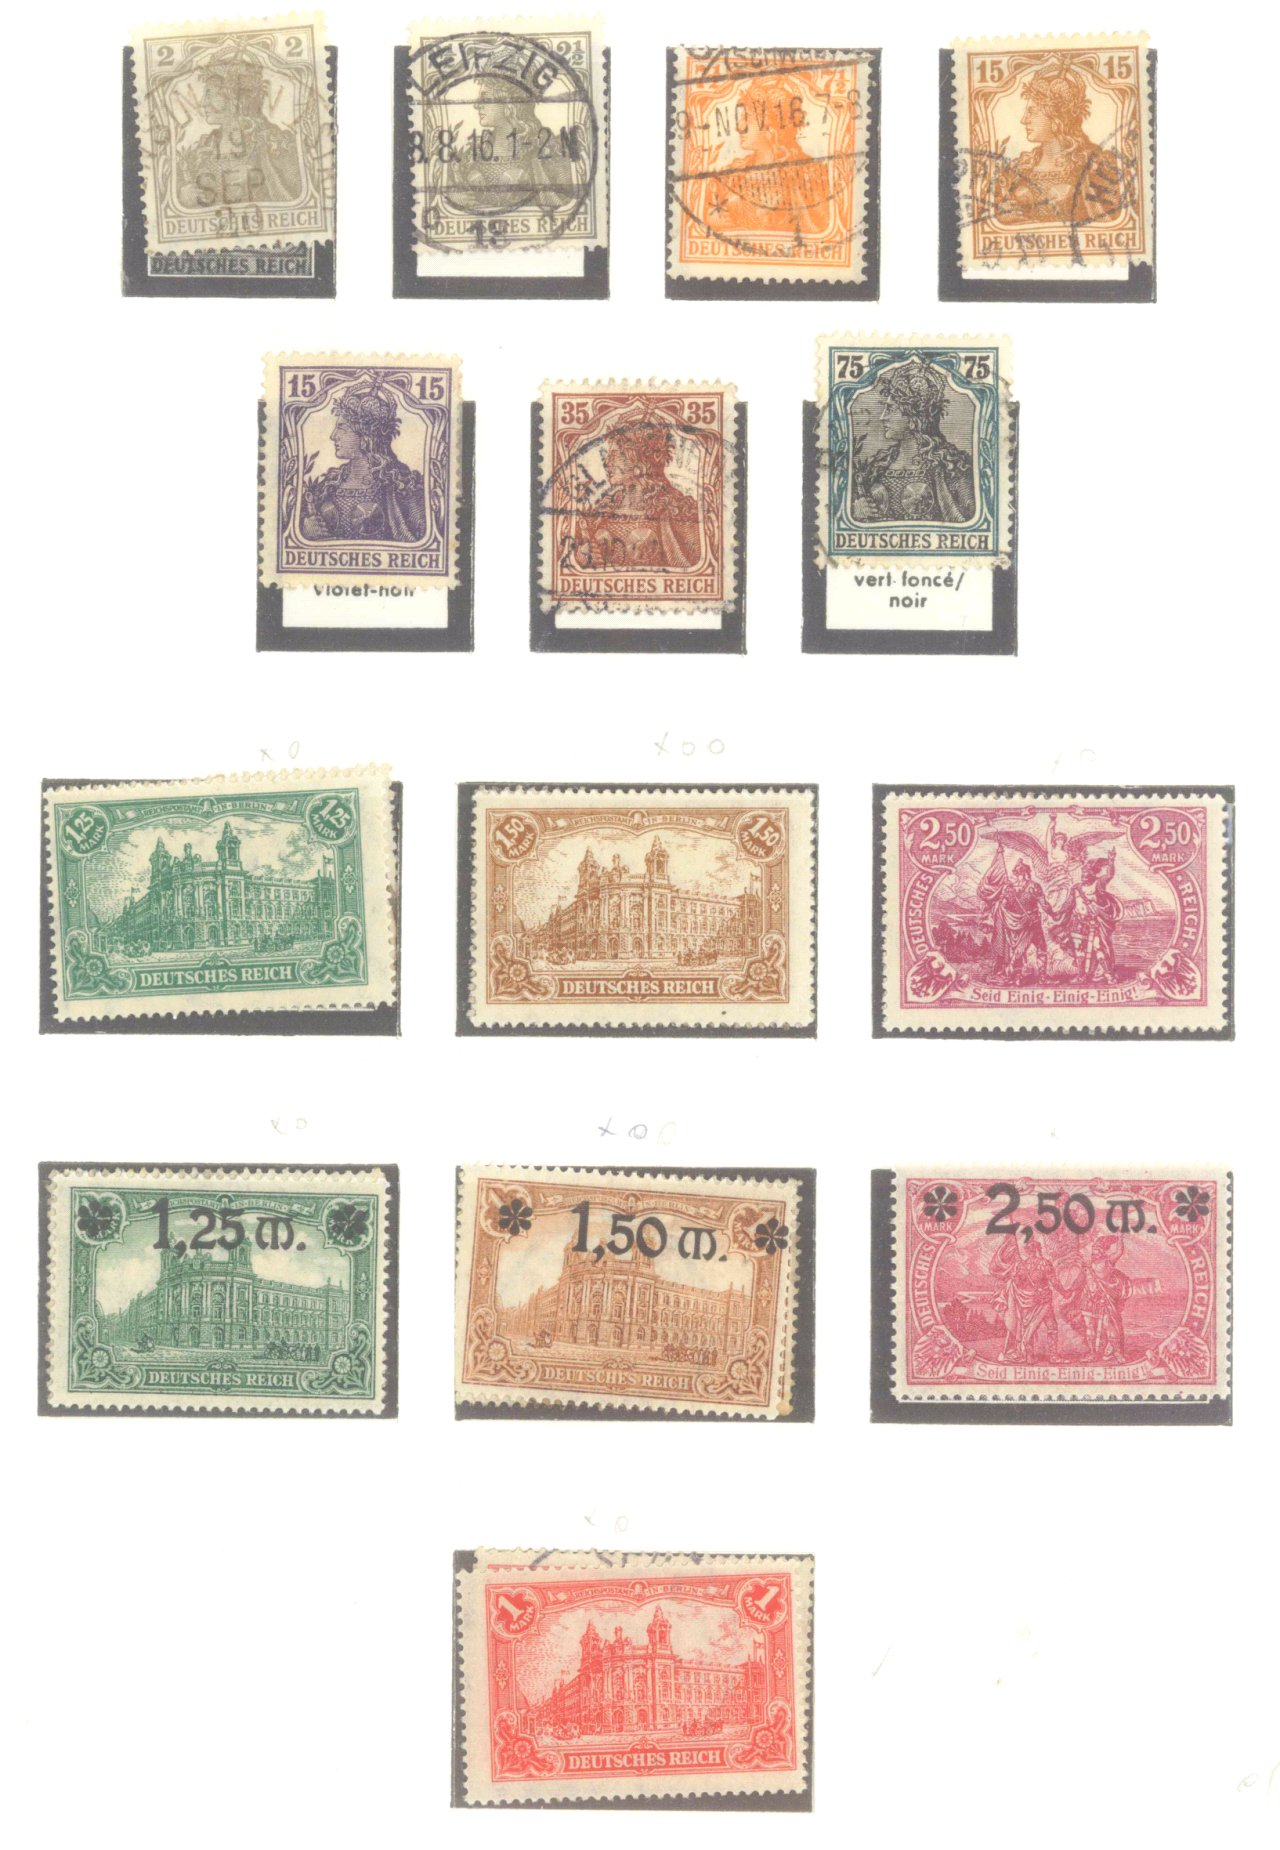 DEUTSCHES REICH – INFLATIONSZEIT 1916-1923